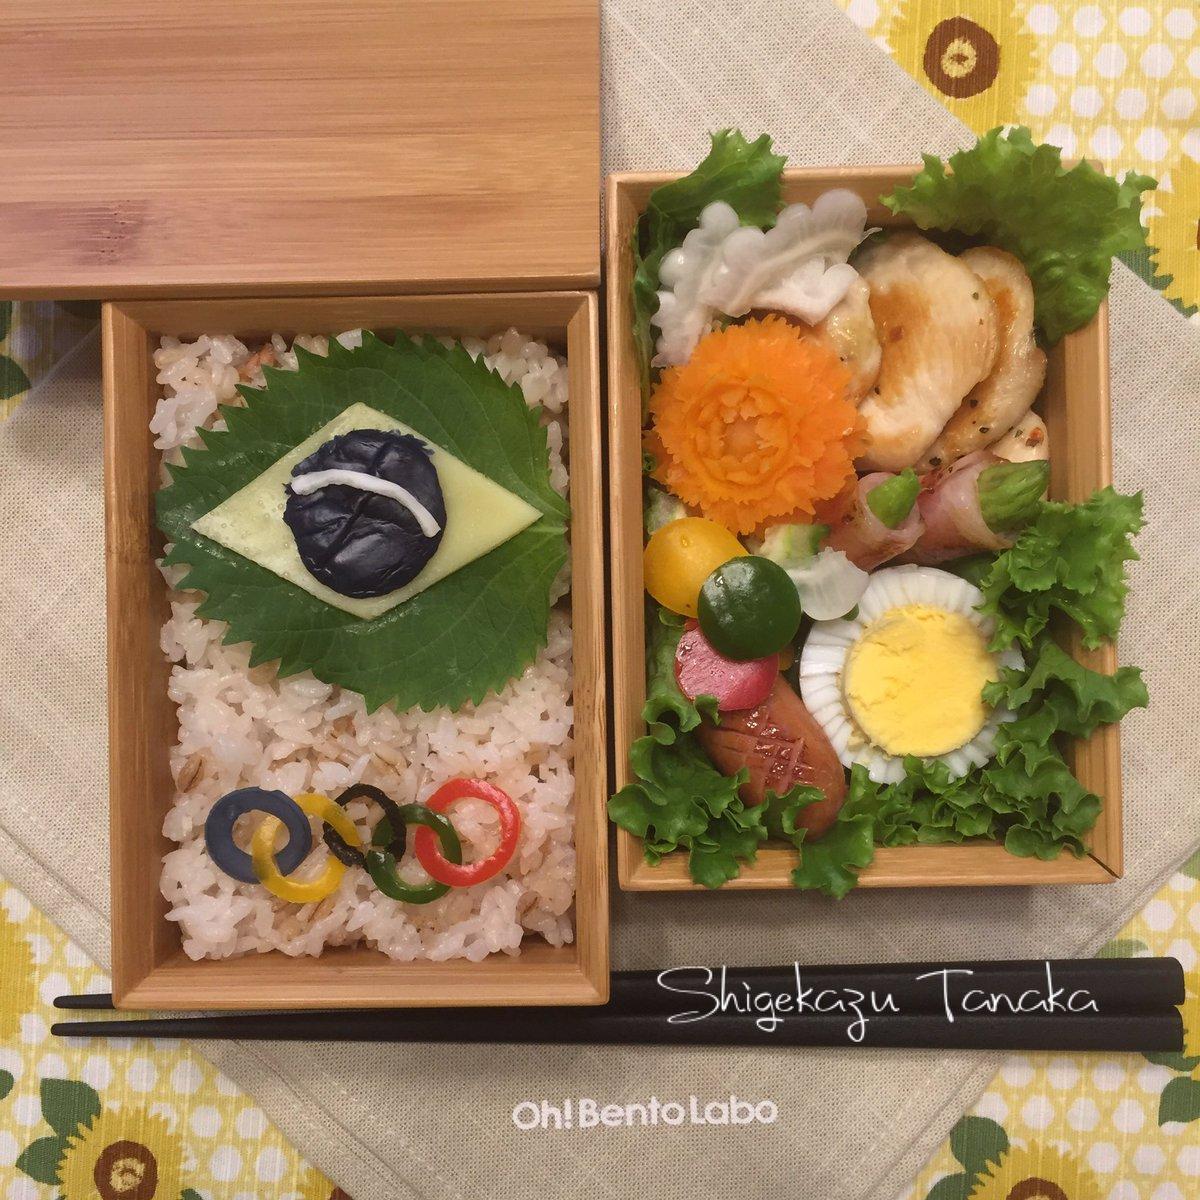 おはようございます。 8月10日の親父弁当は、リオオリンピック応援弁当。 チキンハーブソテー、ゆで玉子、ウインナー、アスパラベーコン、飾り人参、もち麦ご飯。 頑張れ‼︎日本‼︎ #おはよう #お弁当 #親父弁当 #カービング https://t.co/tc6f4gX9F6